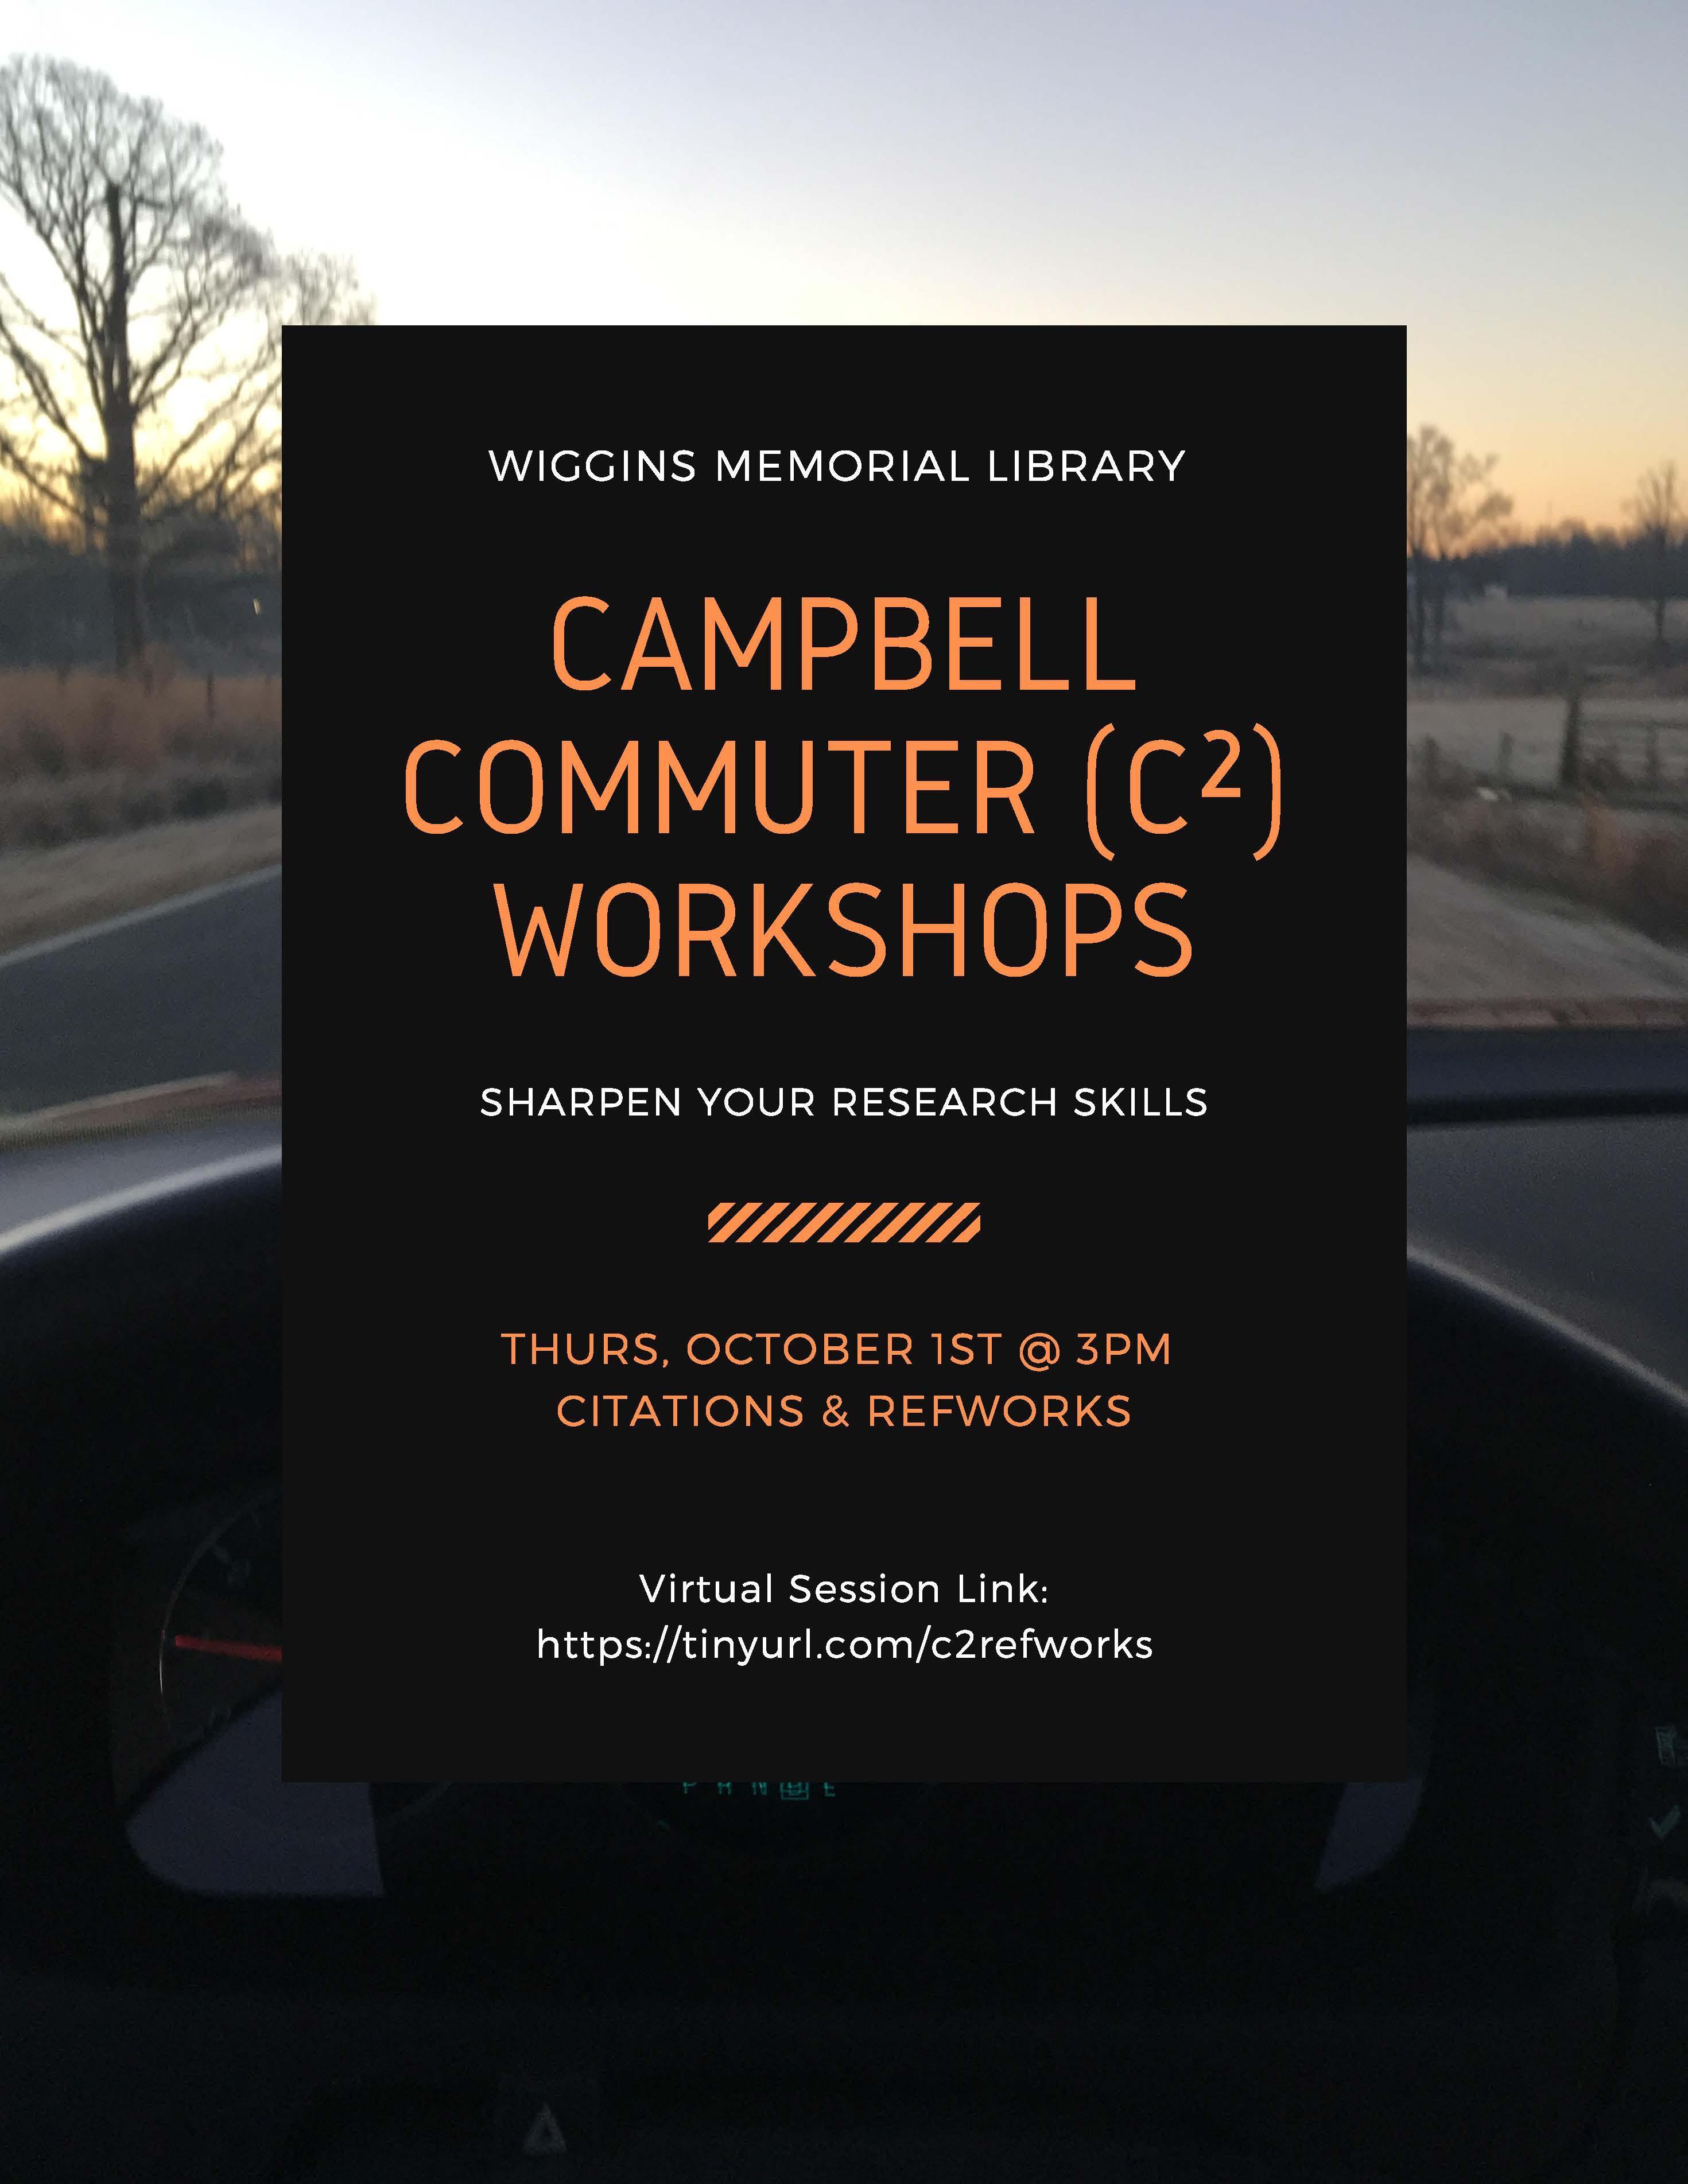 Campbell Commuter (C²) Workshops: Citations & Refworks